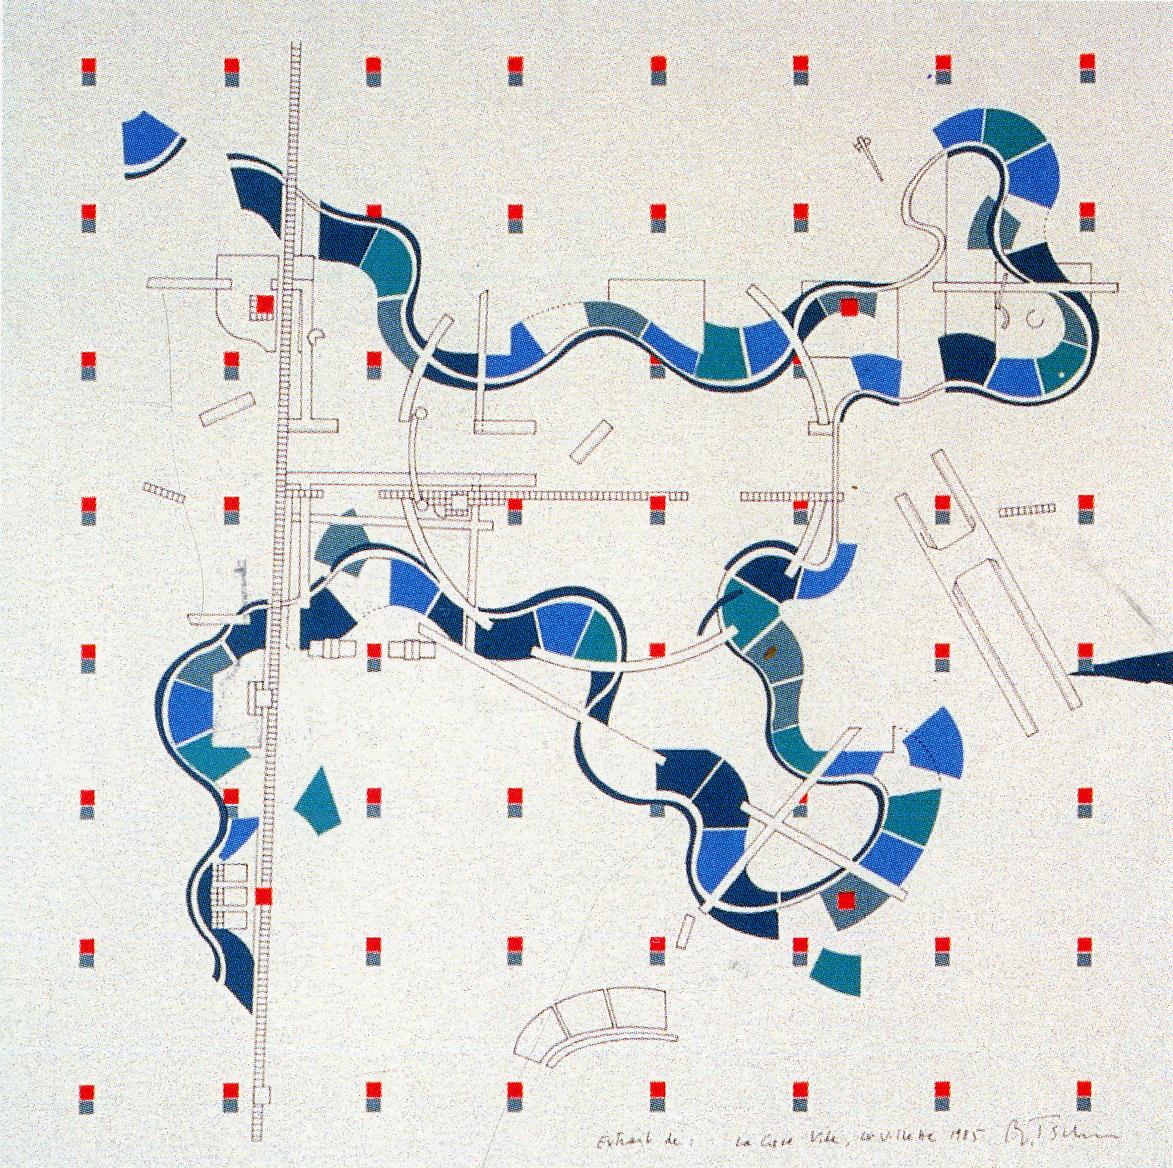 oma parc de la villette diagram sun worksheet bernard tschumi martín fernández córdova